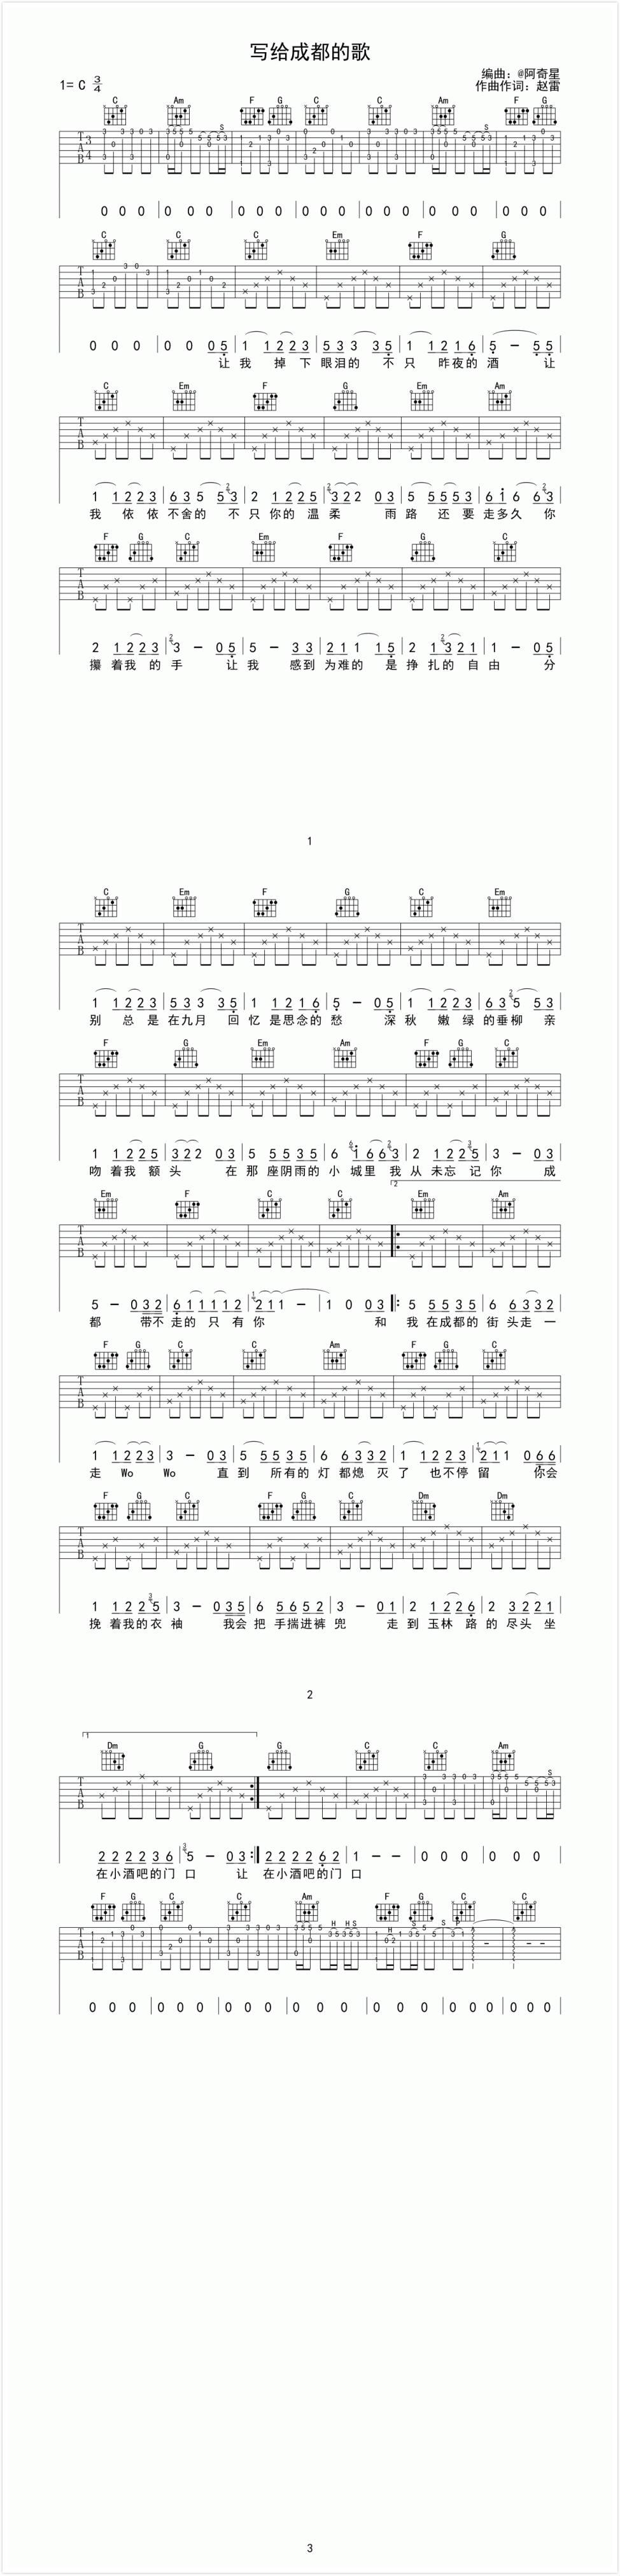 写给成都的歌(成都故事)_吉他谱_枯桥吉他谱